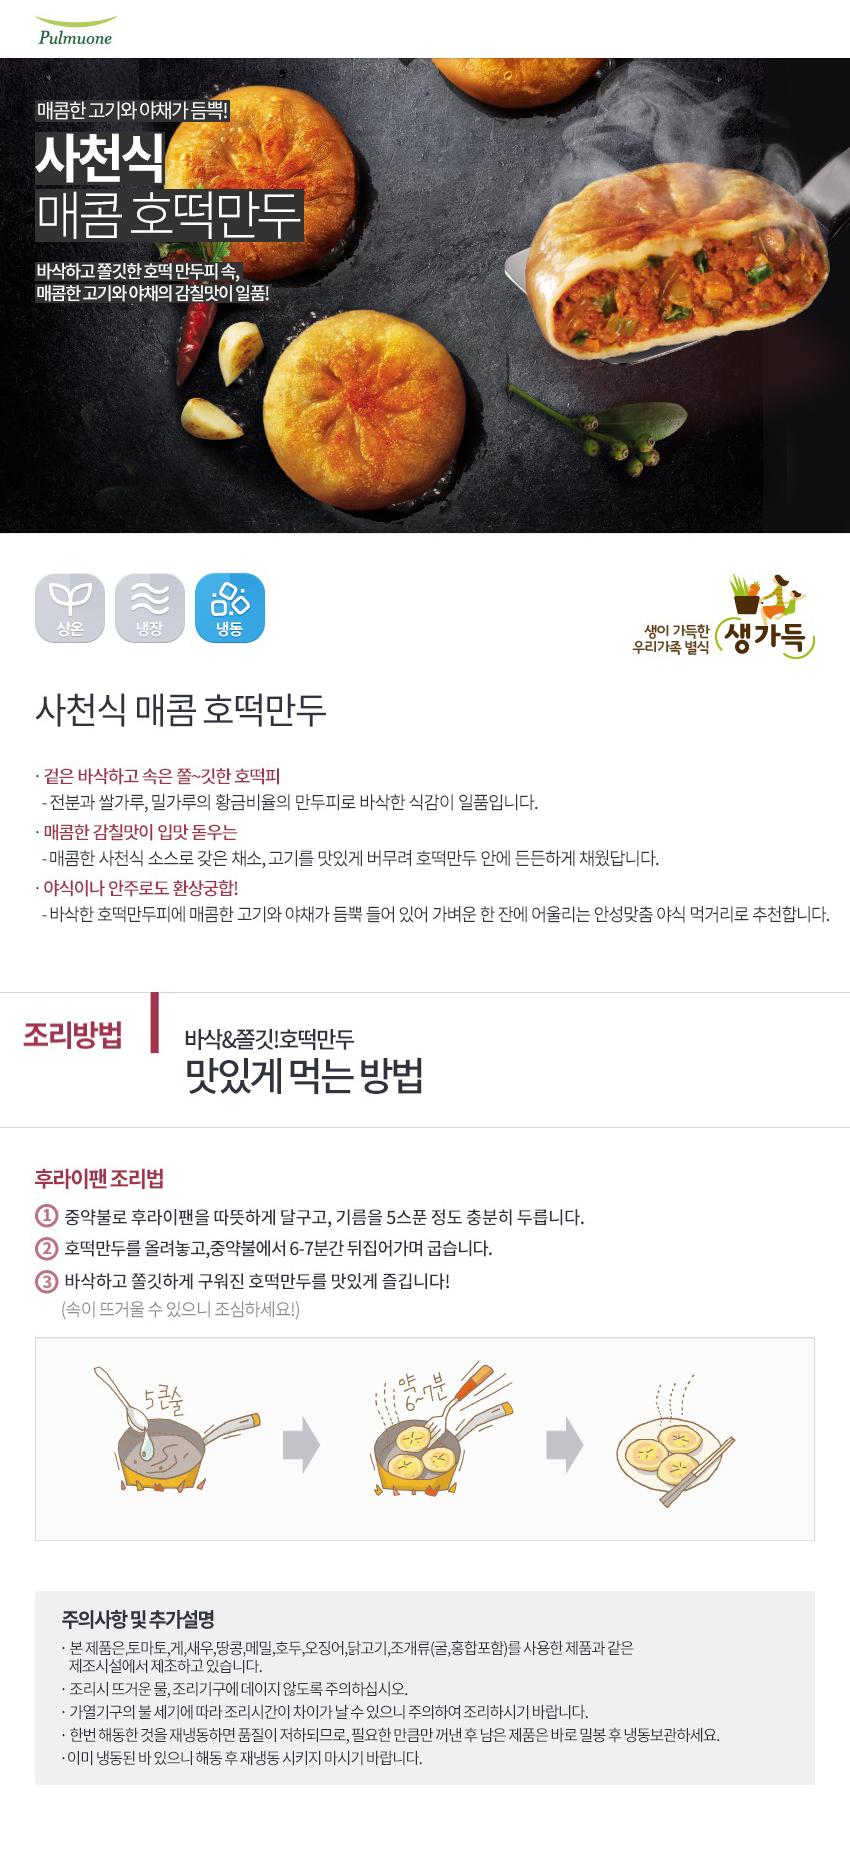 사천식매콤 호떡만두.jpg